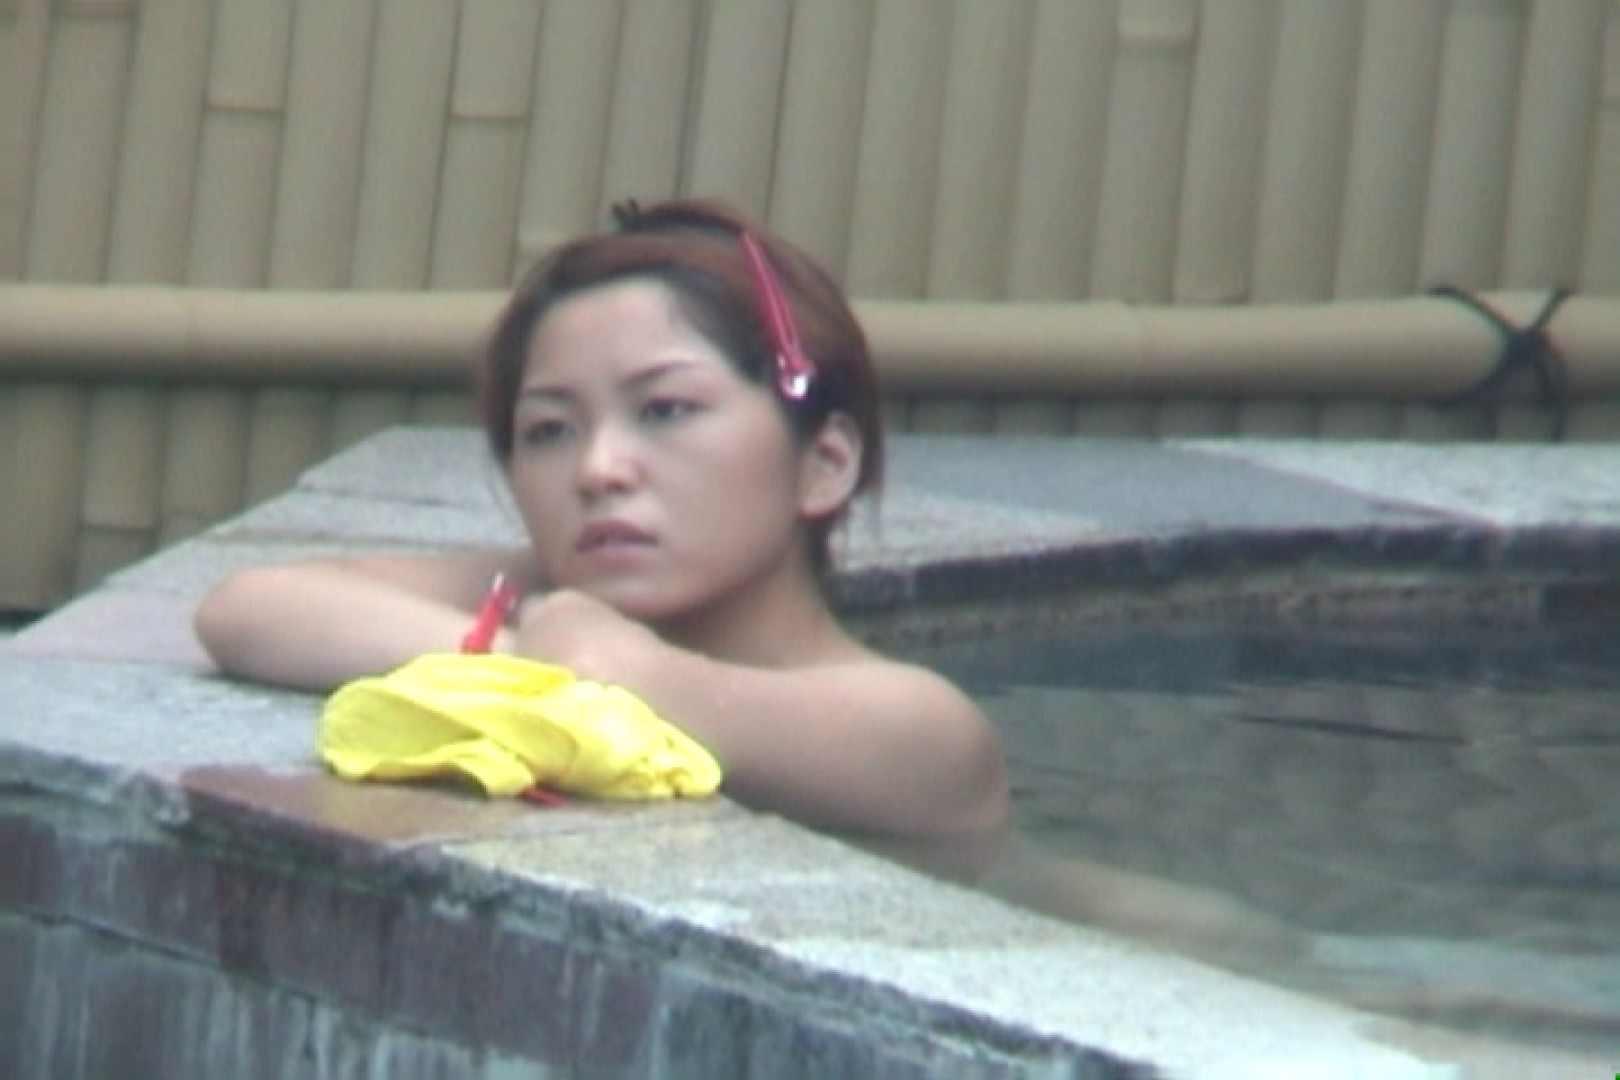 Aquaな露天風呂Vol.574 OLのエロ生活 エロ画像 95連発 29